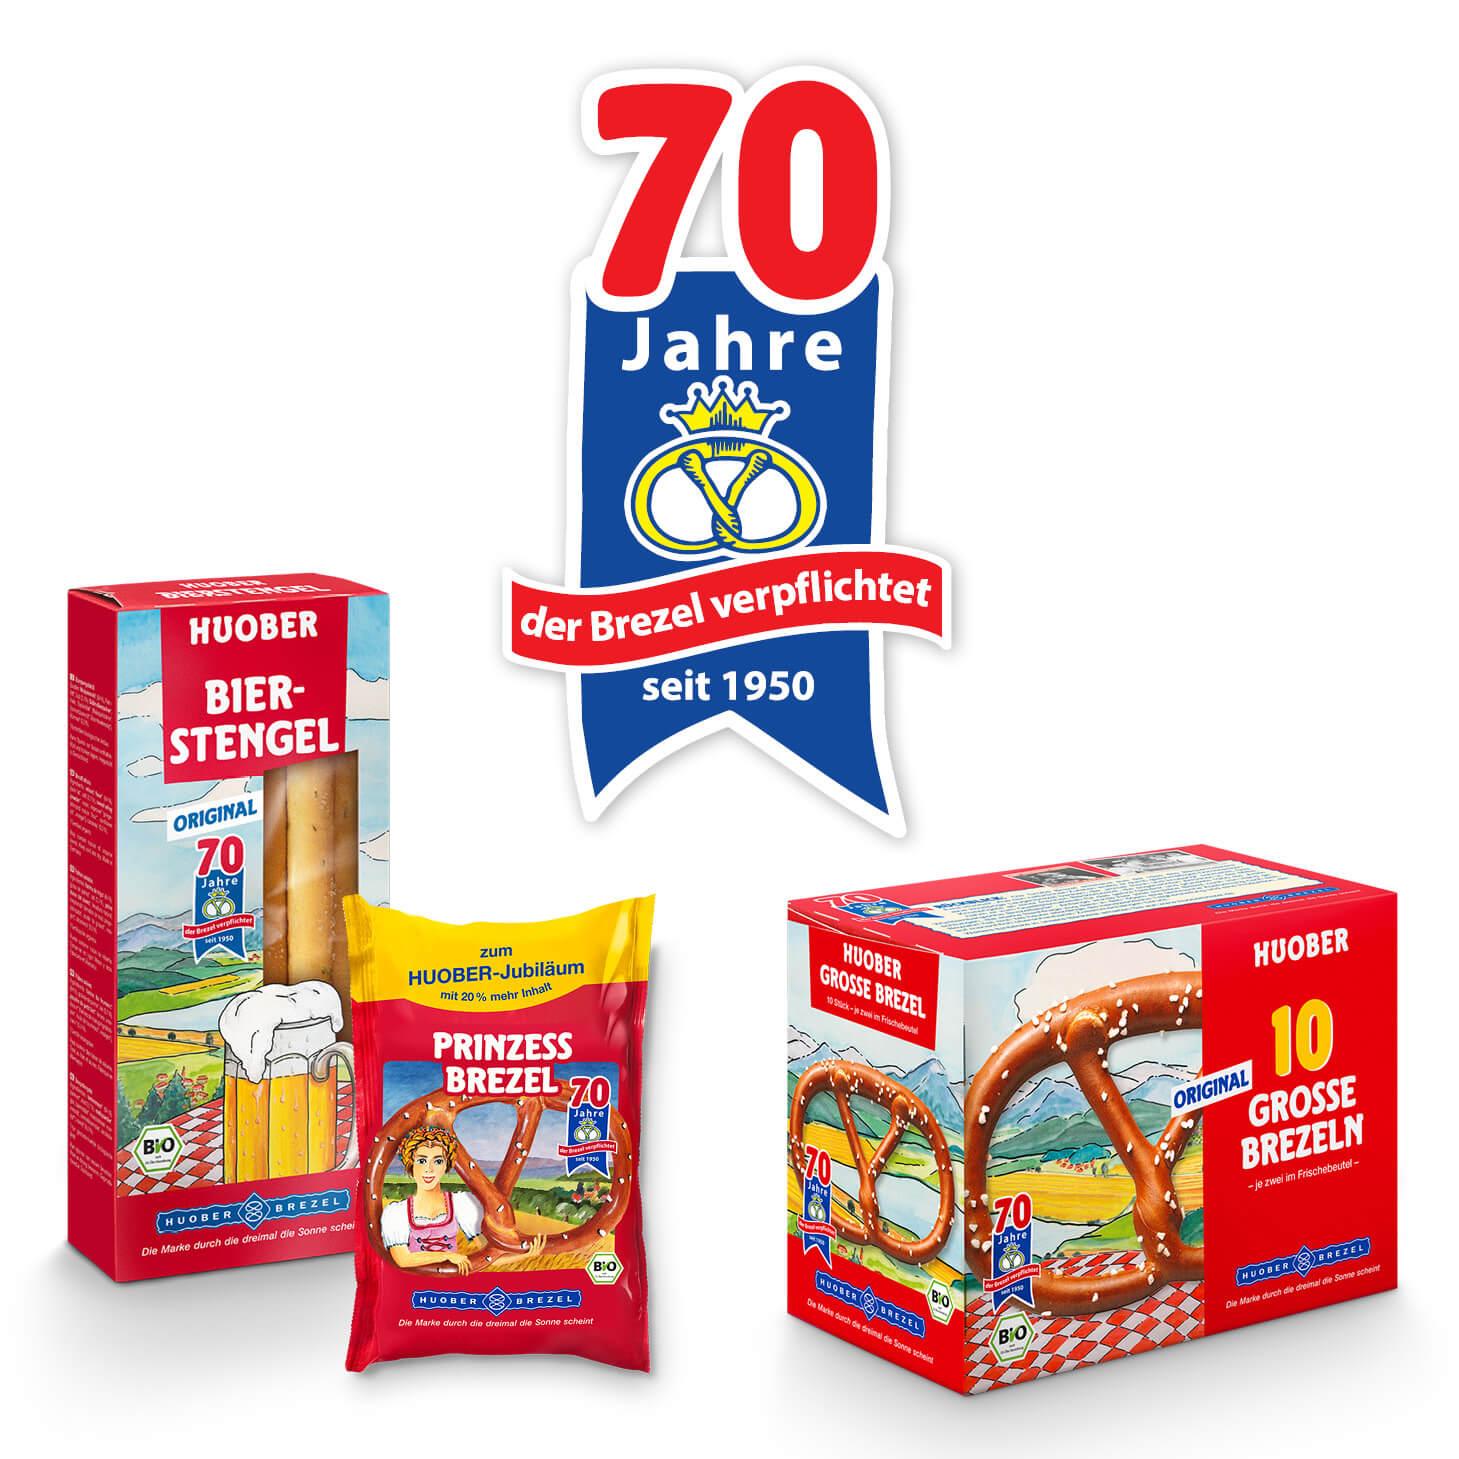 HUOBER 70 Jahre Jubiläums-Verpackungen